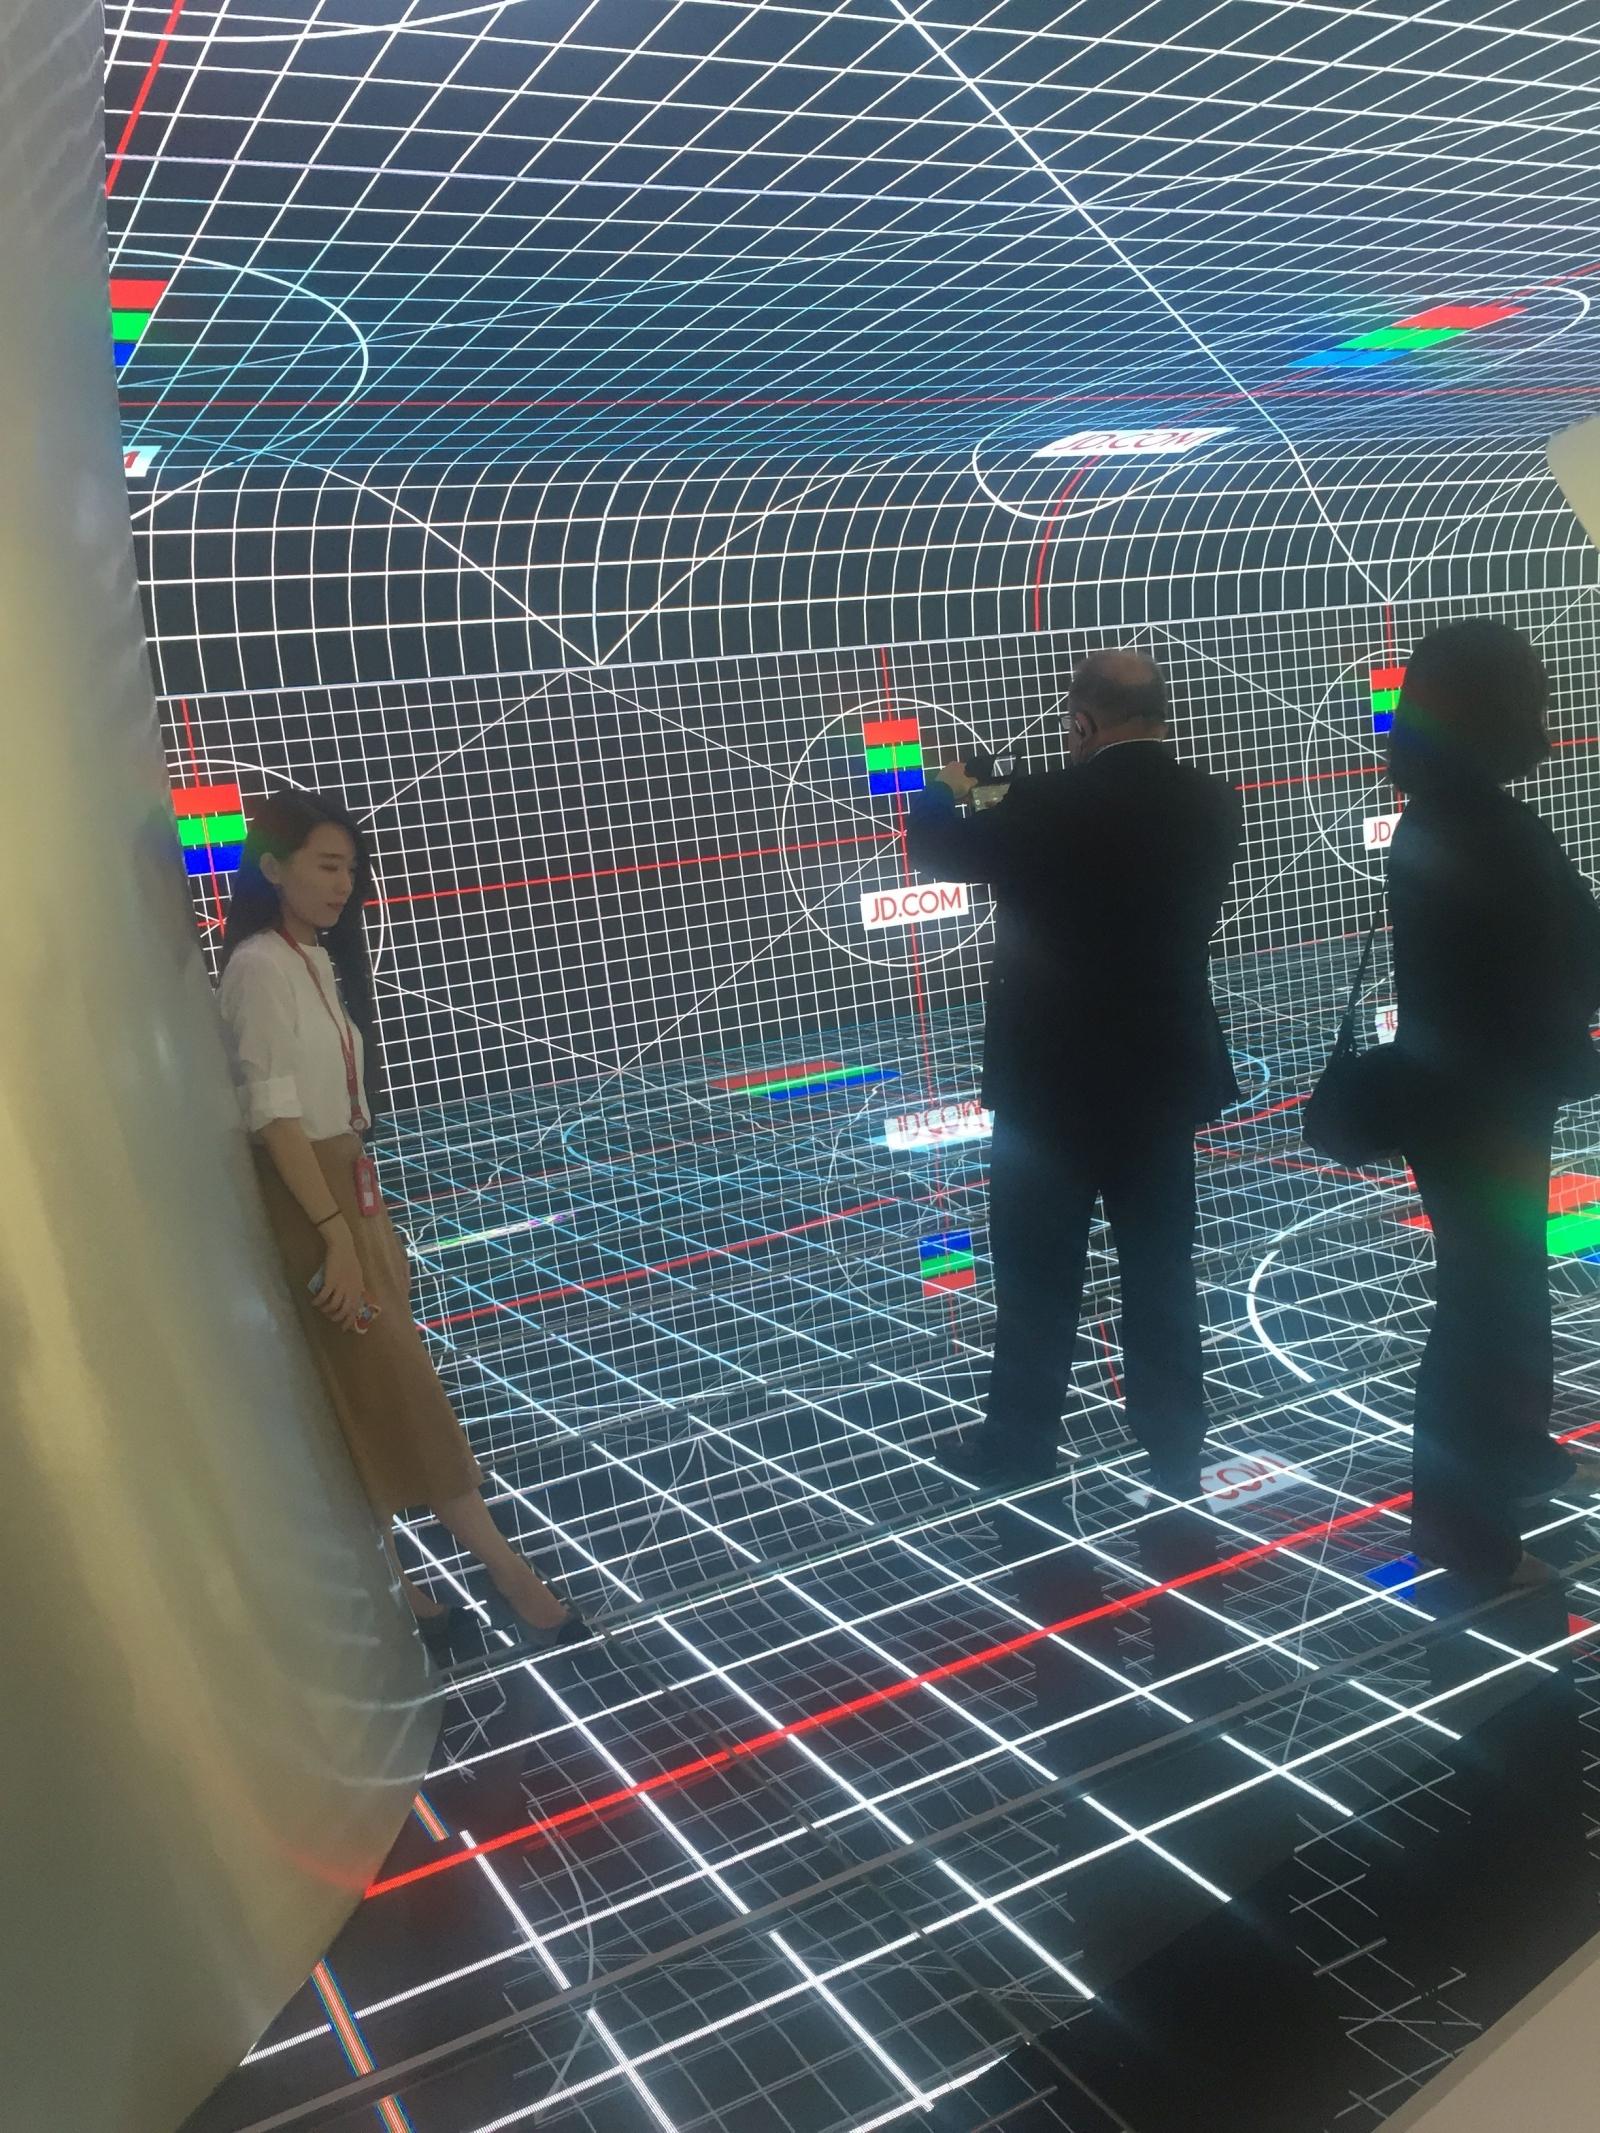 Alibaba visualisation room